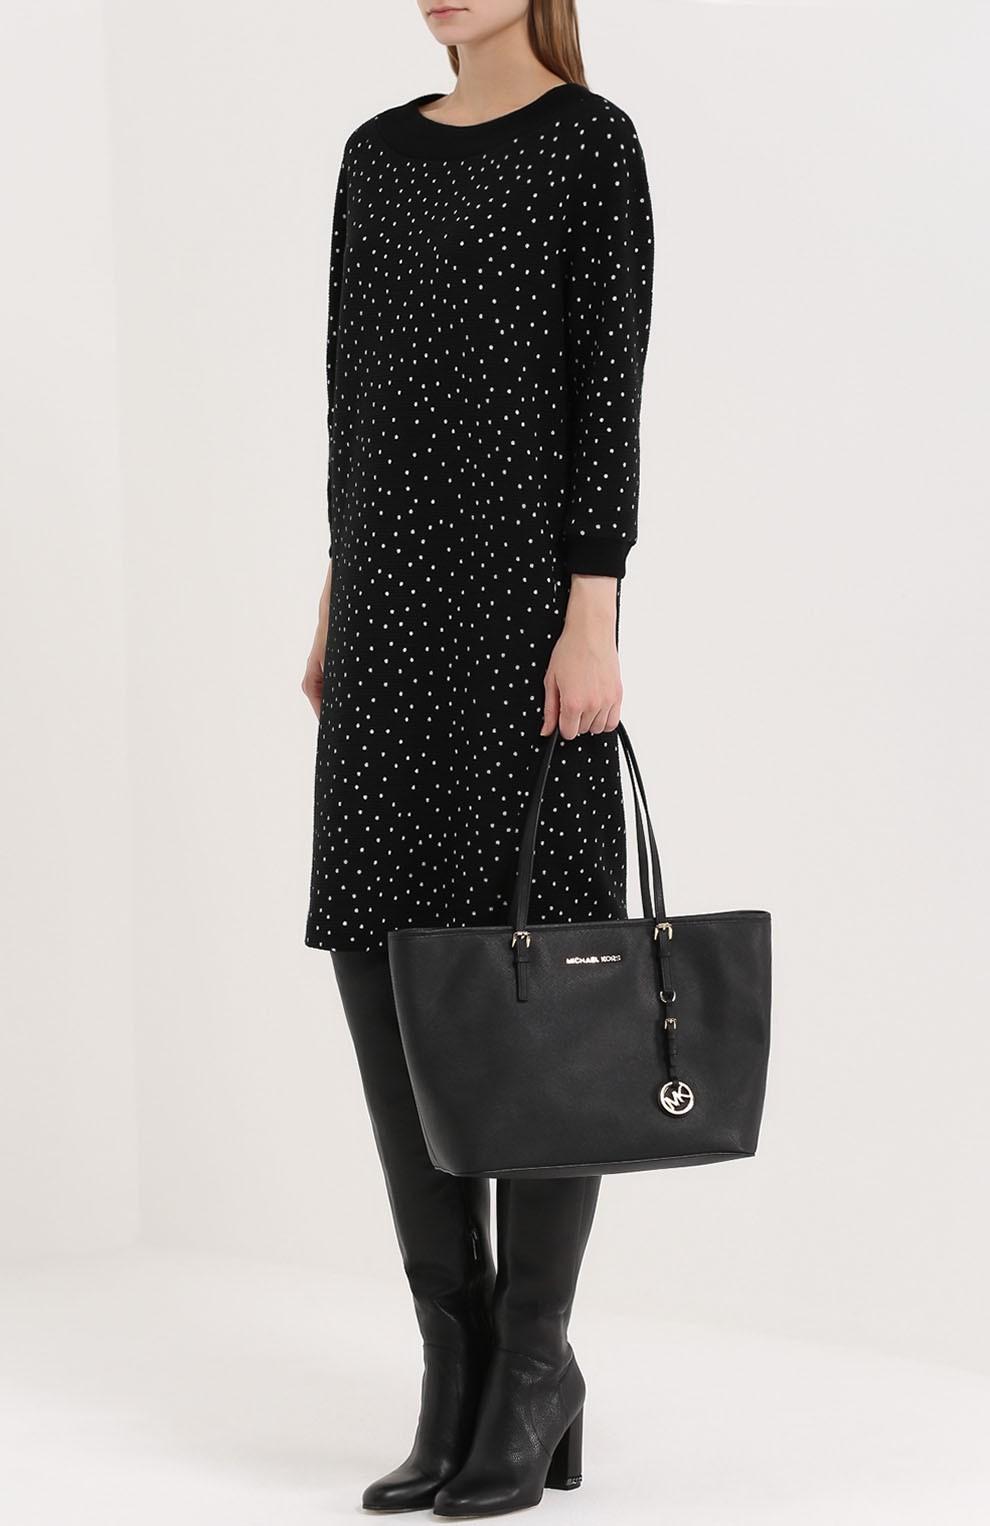 модные женские сумки 2018: сумка таут черная